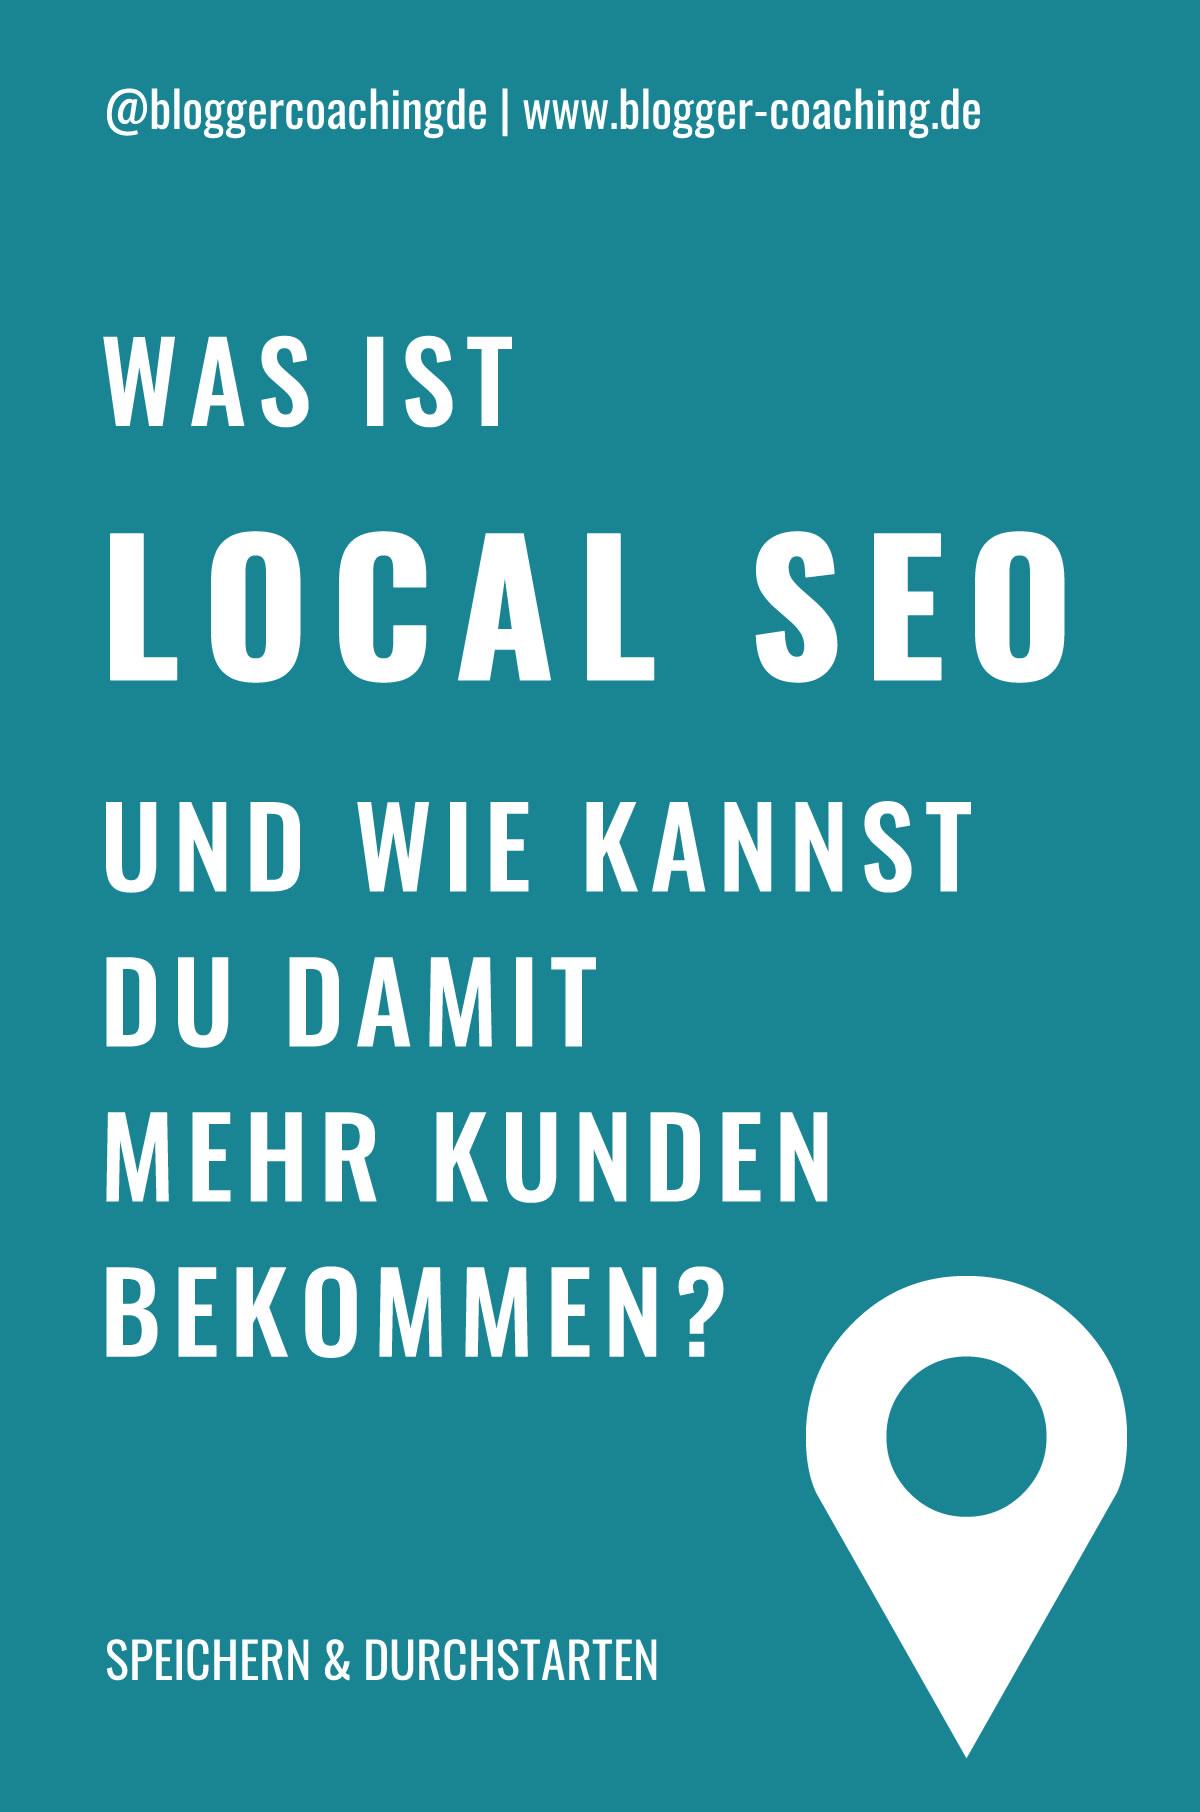 Local SEO: 5 effektive Tipps für mehr Kunden | Blogger-Coaching.de - Tipps & Kurse für Blogger